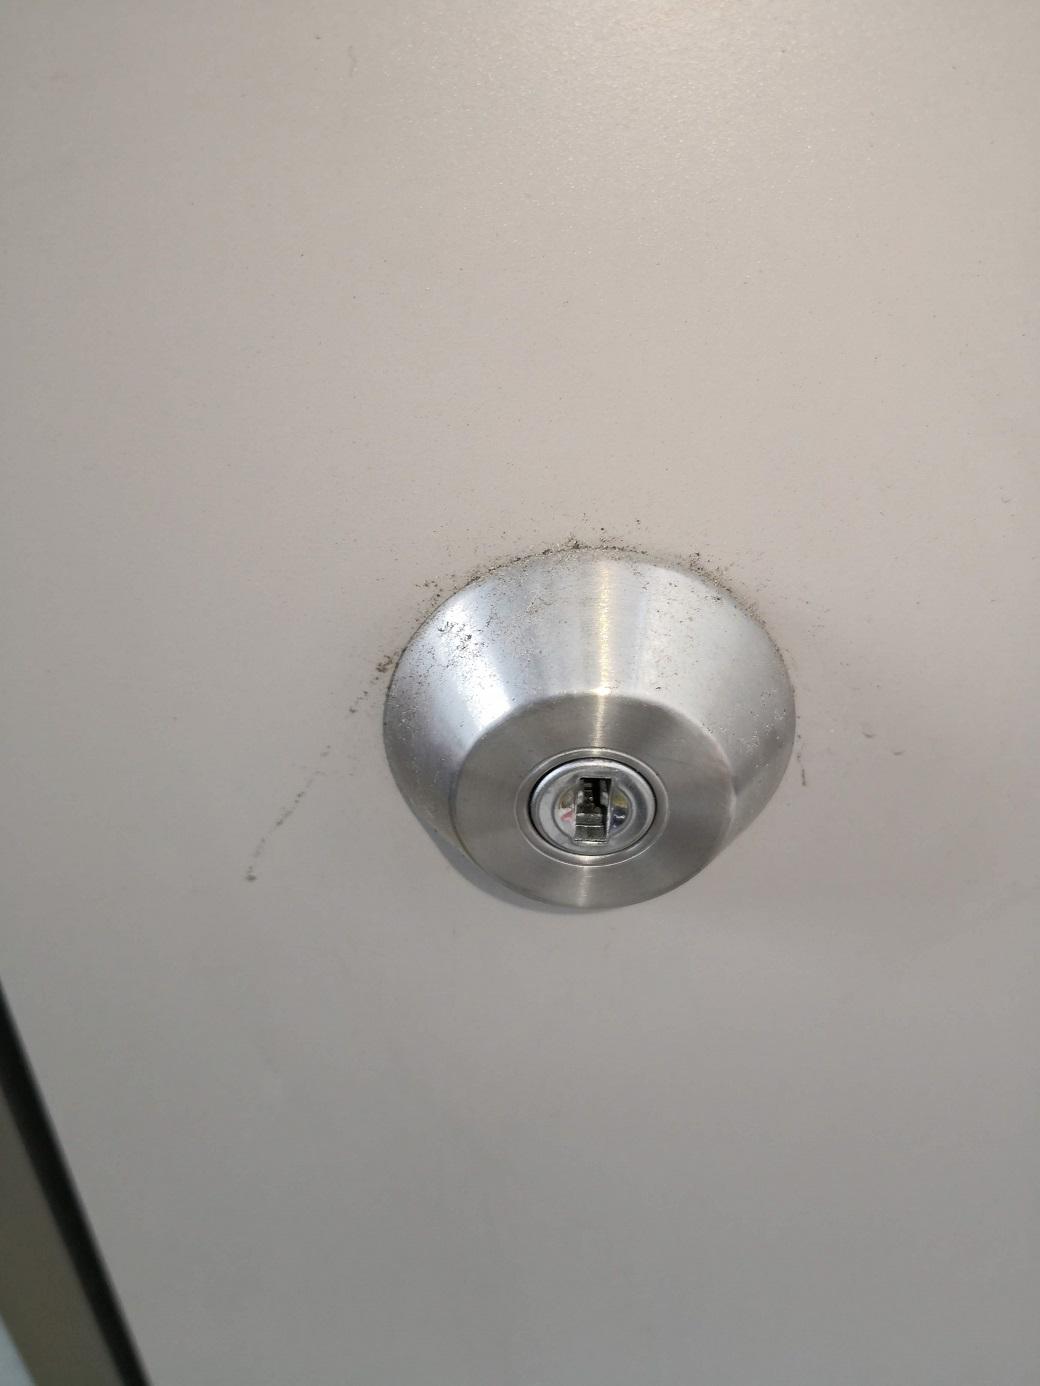 補助錠のシリンダー。こちらは縦向きで正常です。